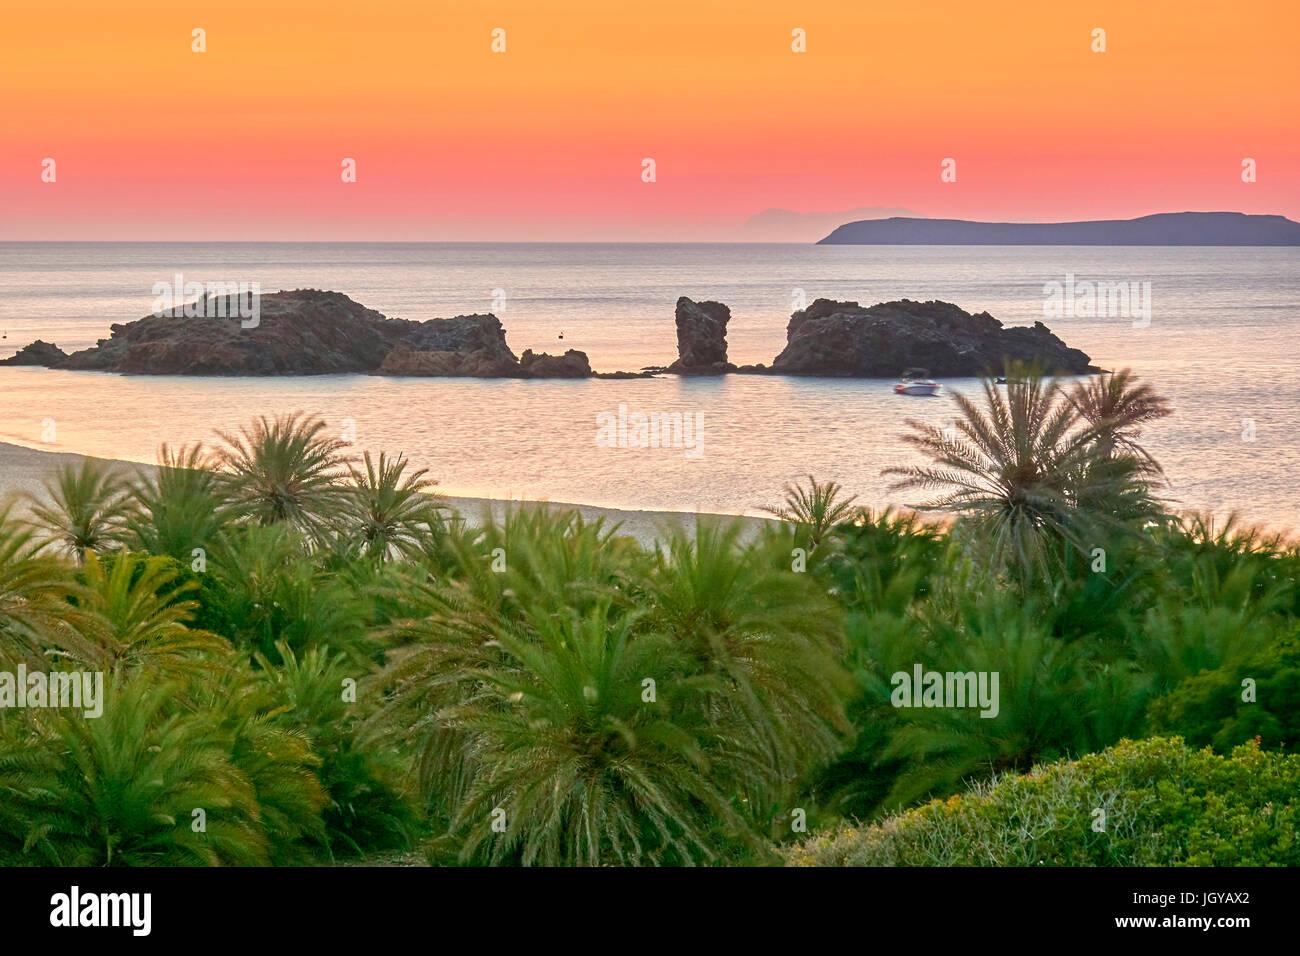 Crepuscolo prima del sorgere del sole in spiaggia di Vai, Creta, Grecia Immagini Stock